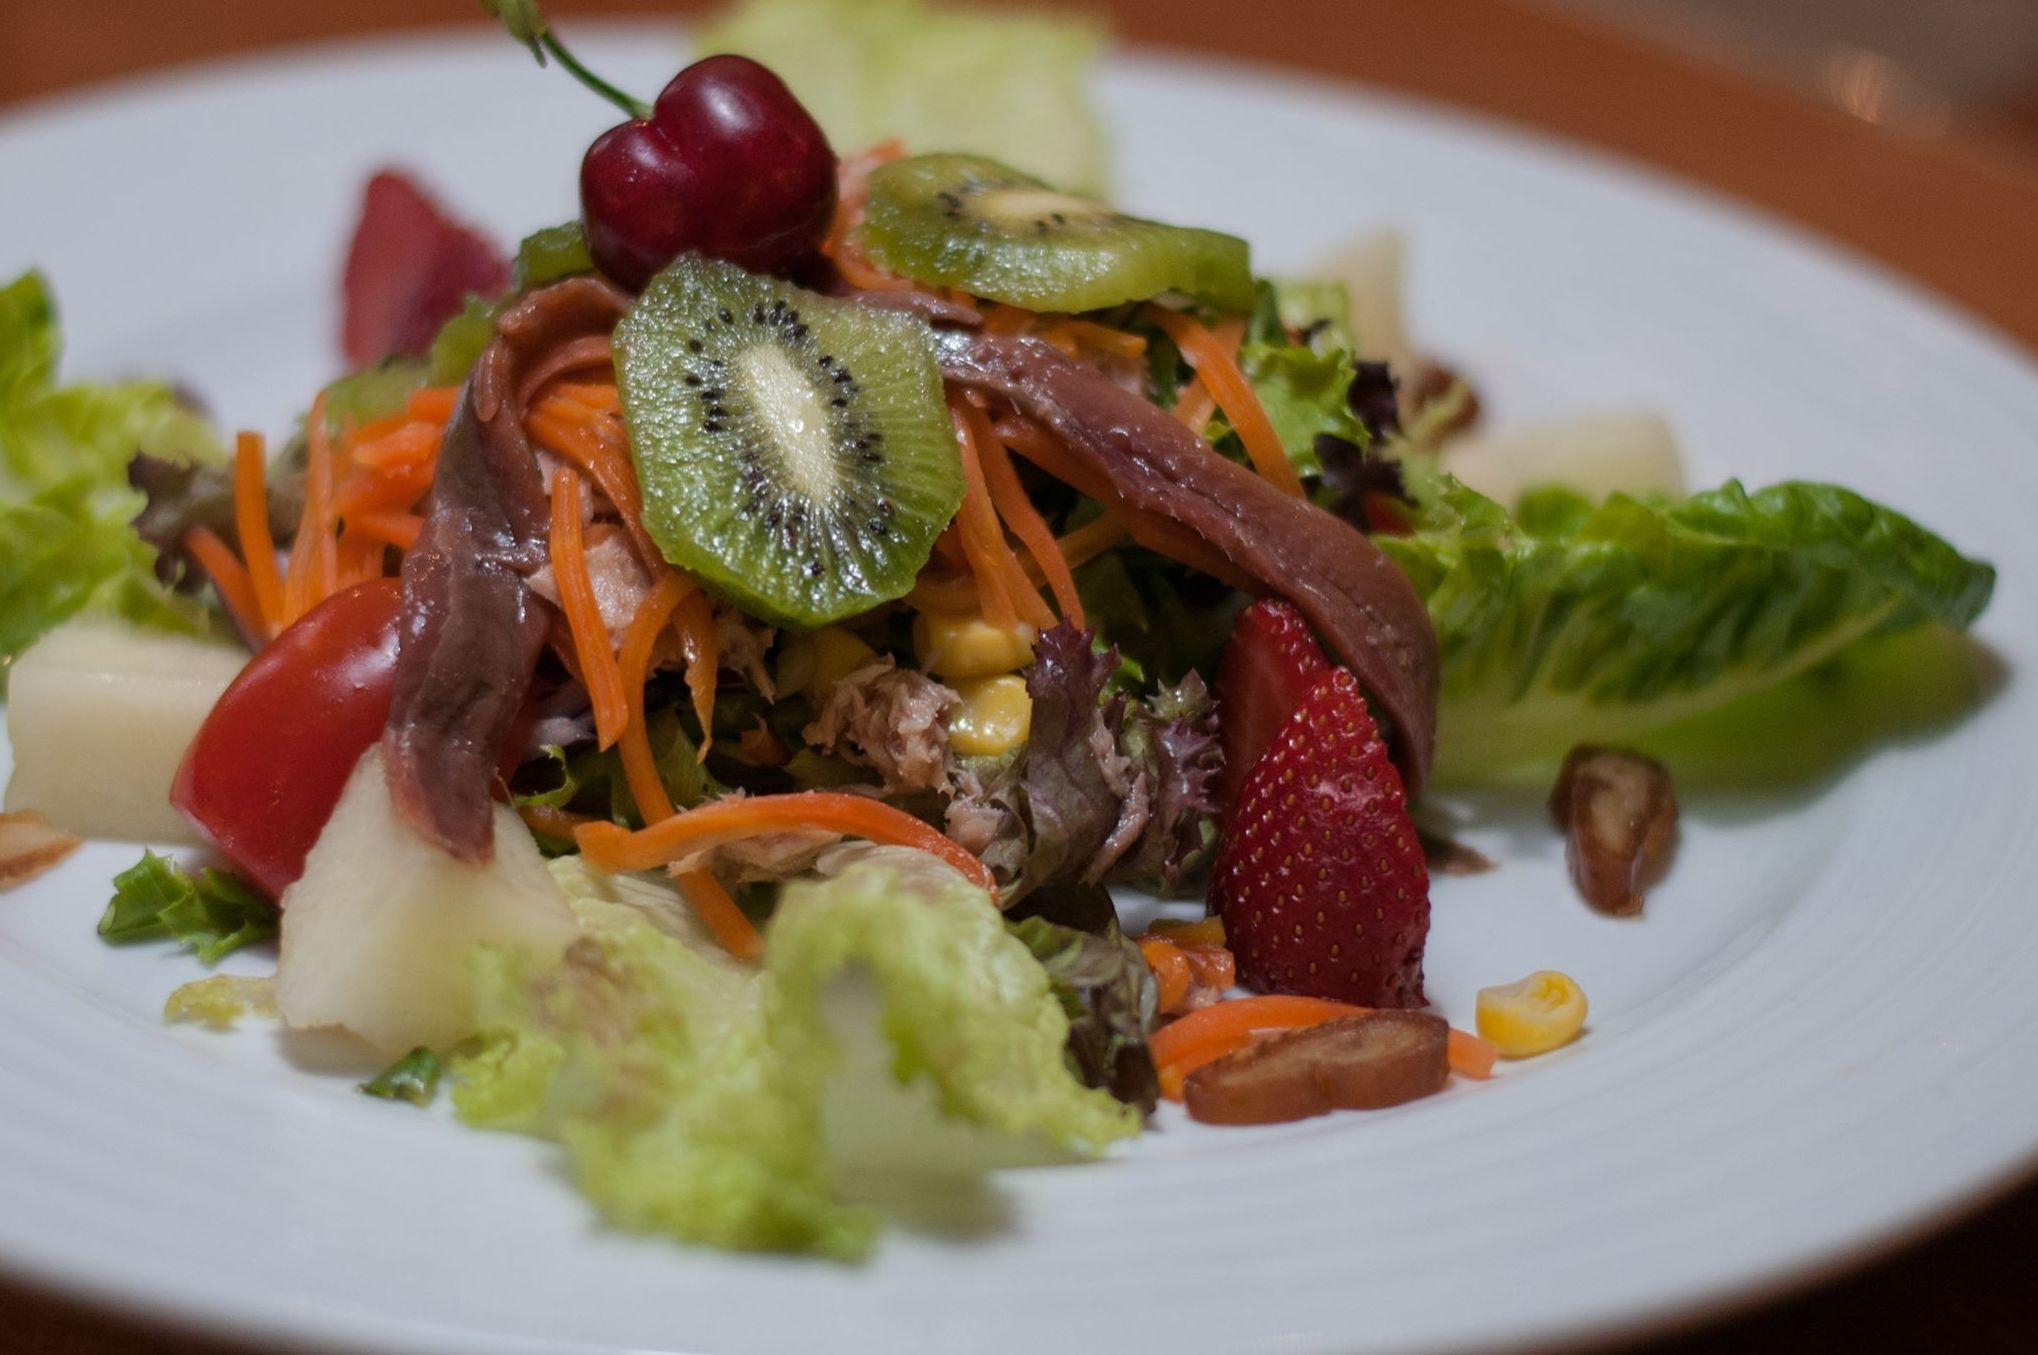 Ensalada con anchoas y fruta